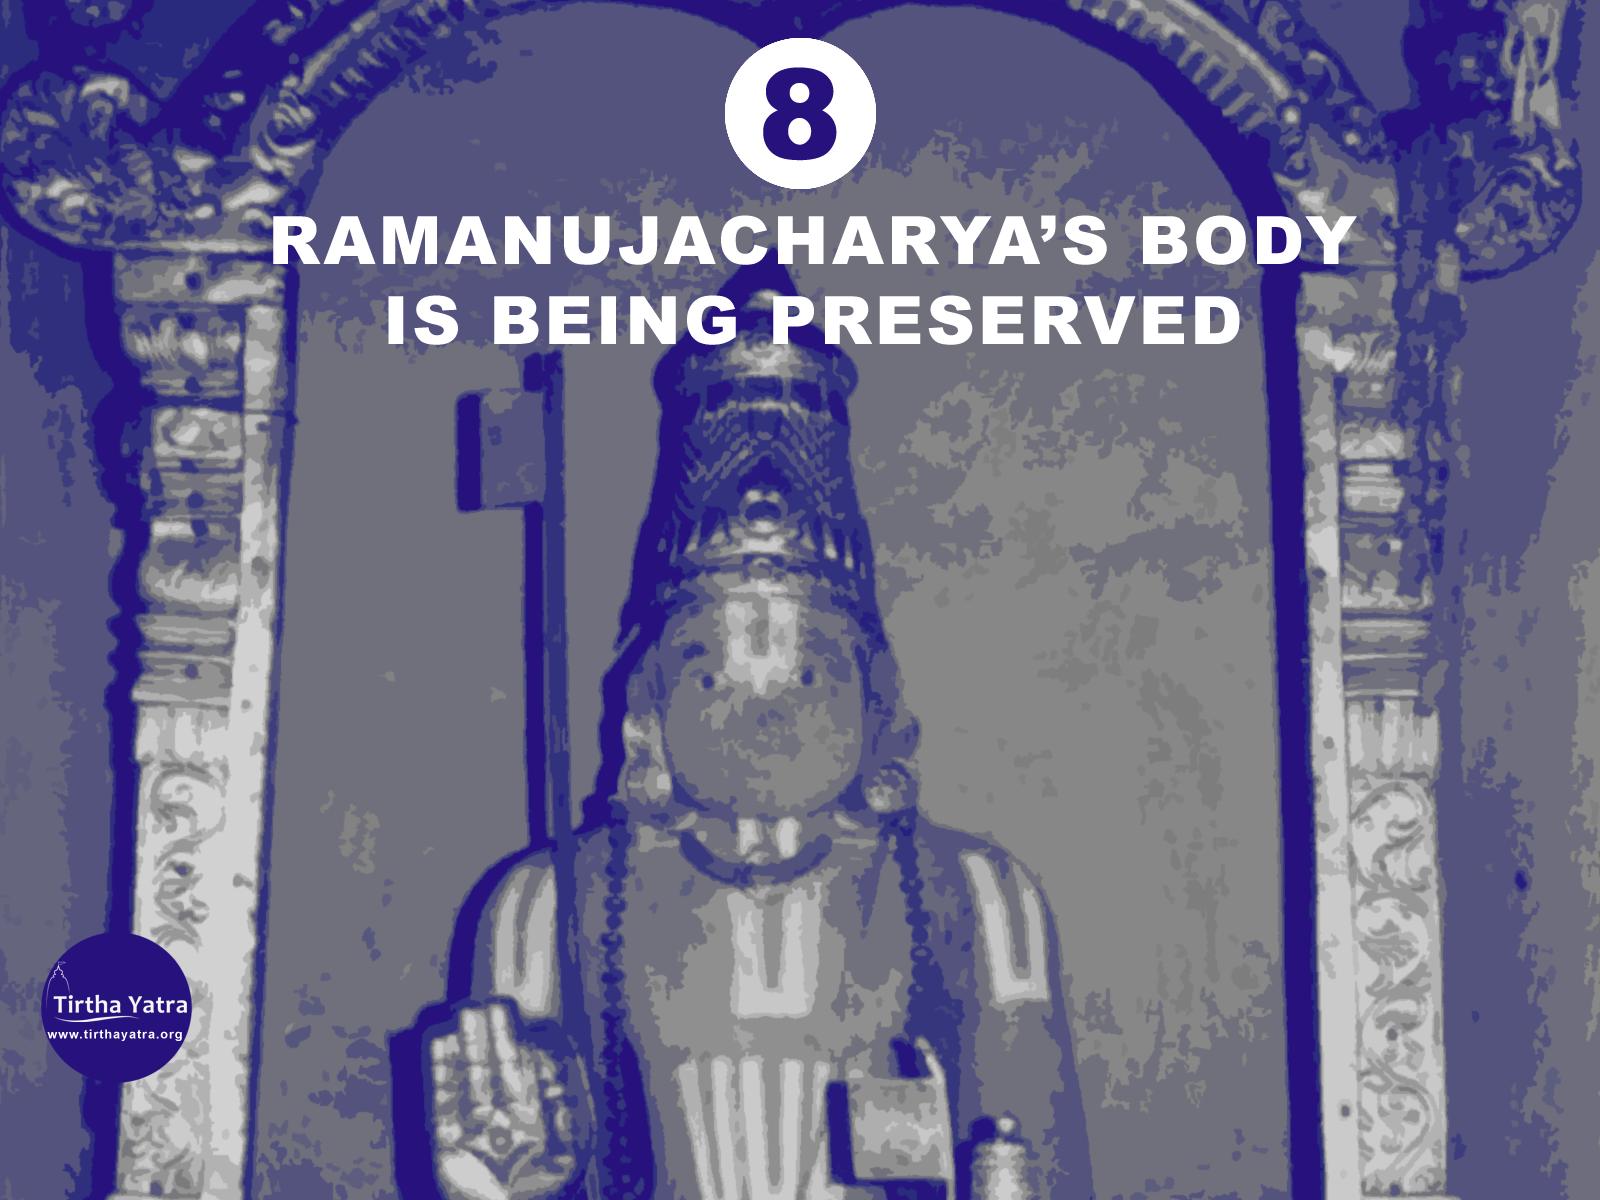 Ramanujacharya's body is preserved in Srirangam